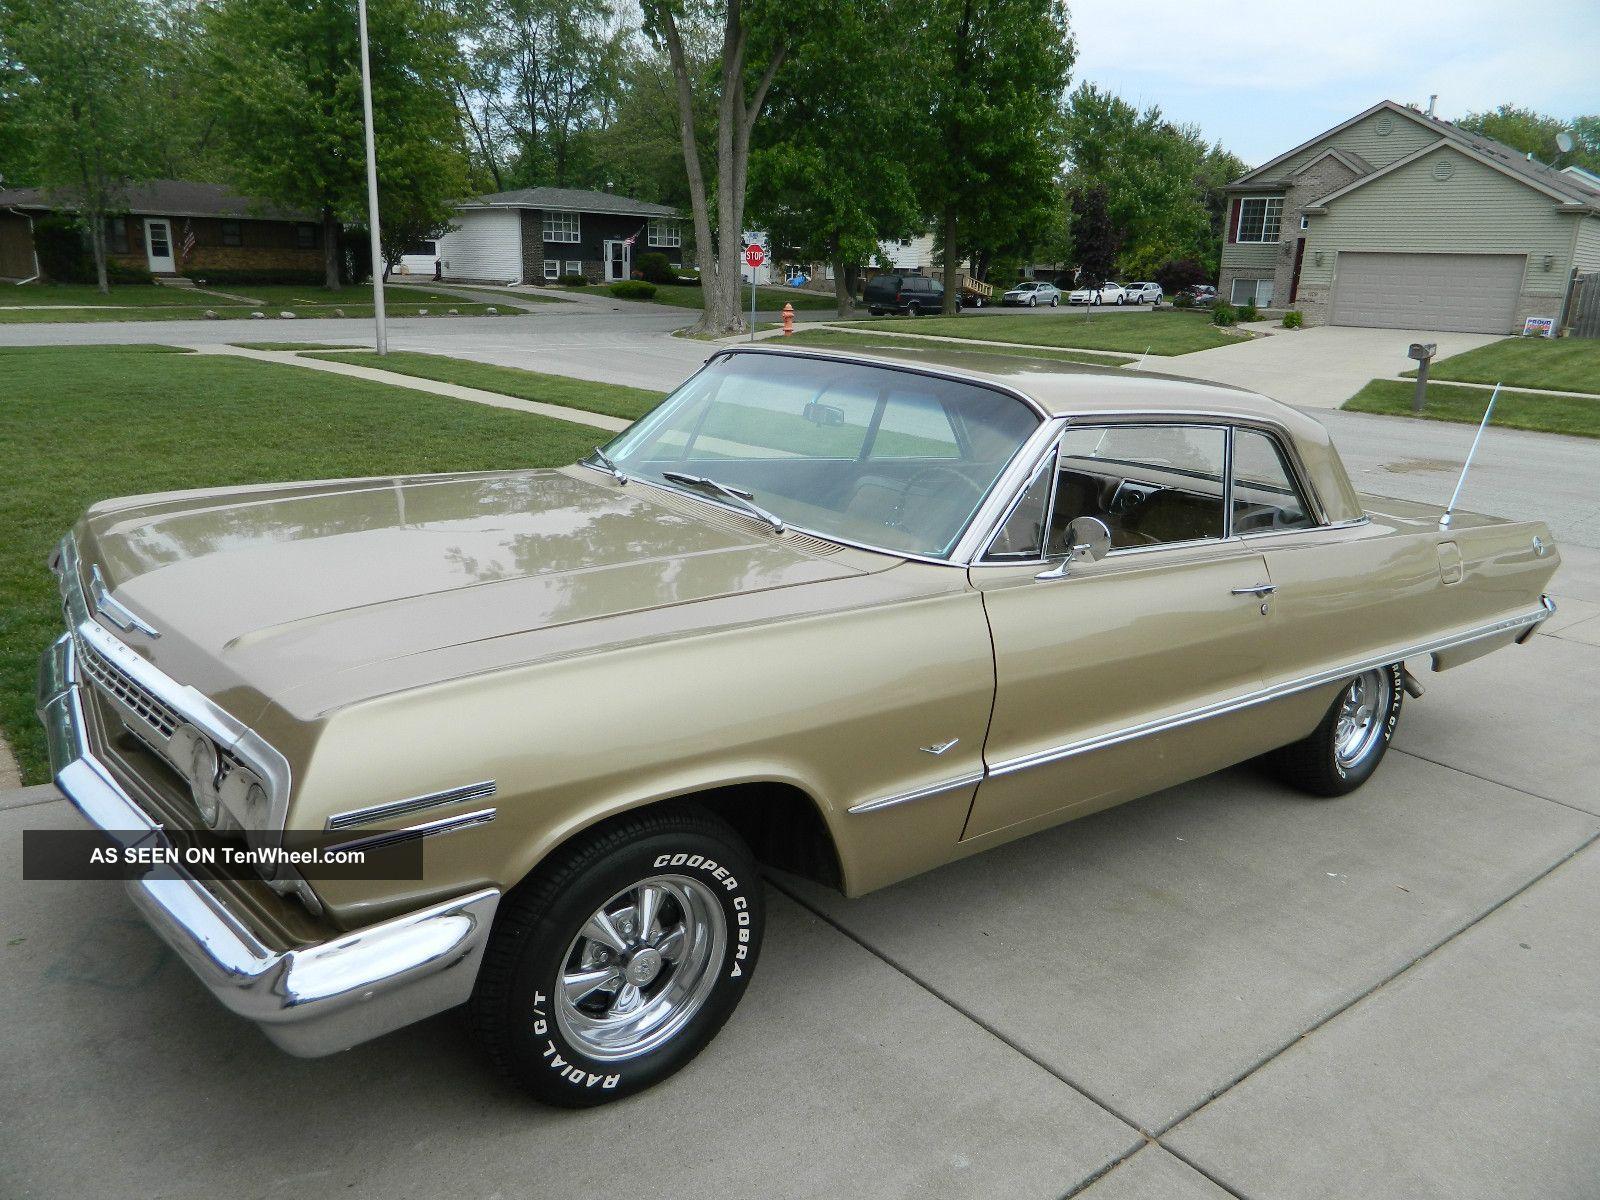 1963 Chevy Impala Anniversary Gold Impala photo